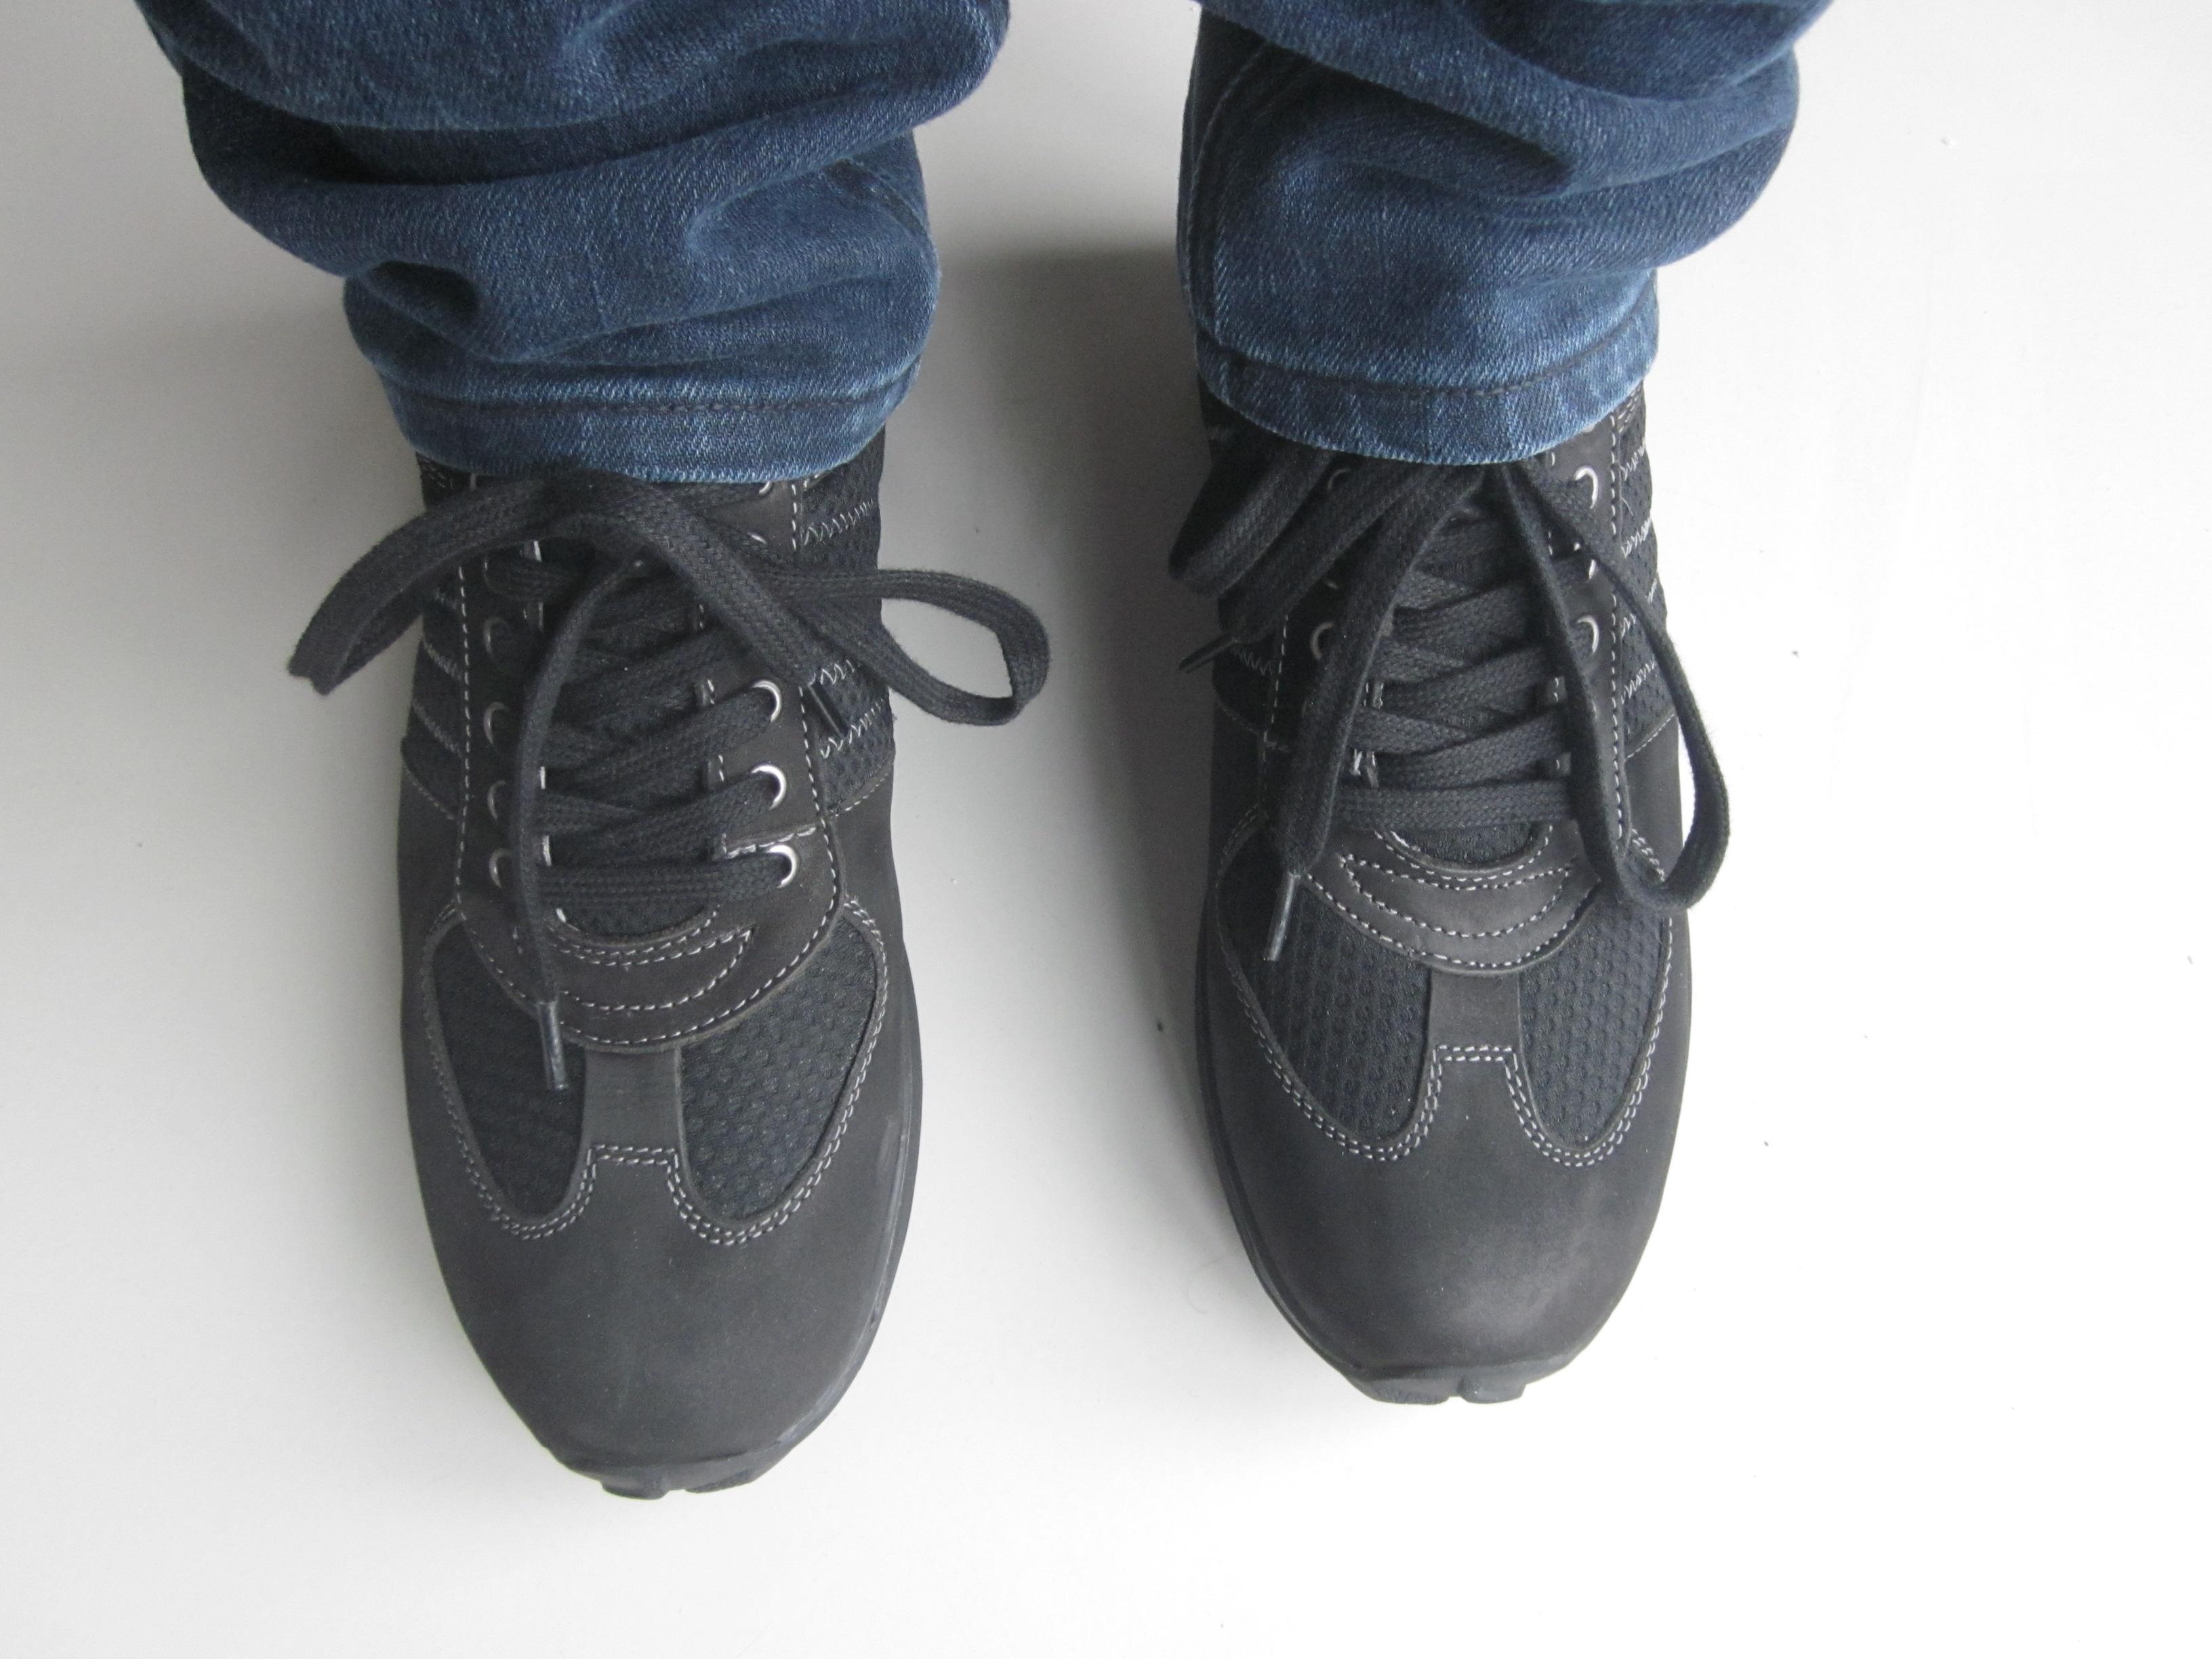 Goede schoenen voor veel lopen